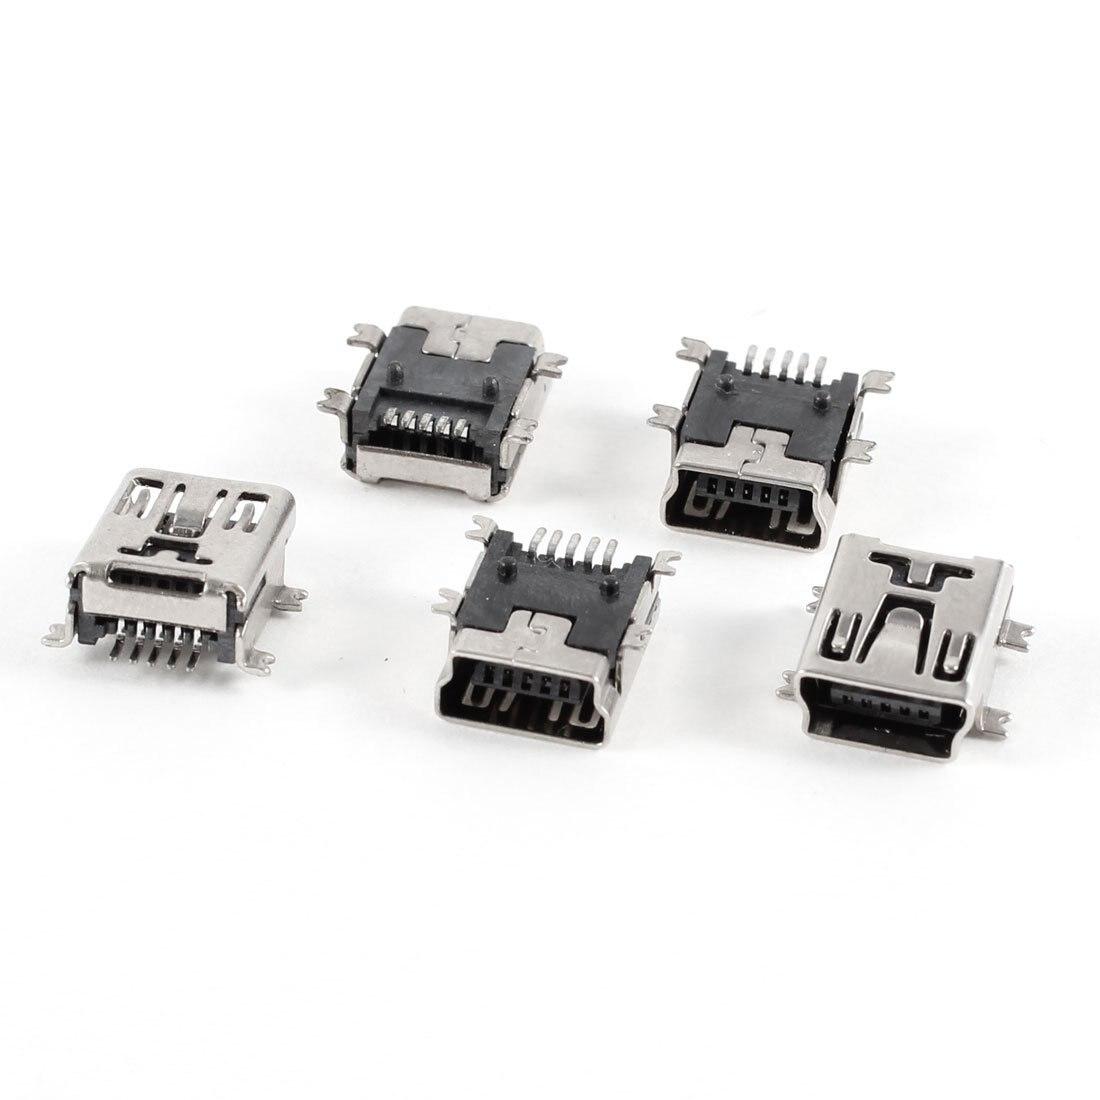 Davitu 20pcs//lot Wholesale 5Pin Mini USB Charging Jack Socket MINI 5P USB Plug for MP3 MP4 ect